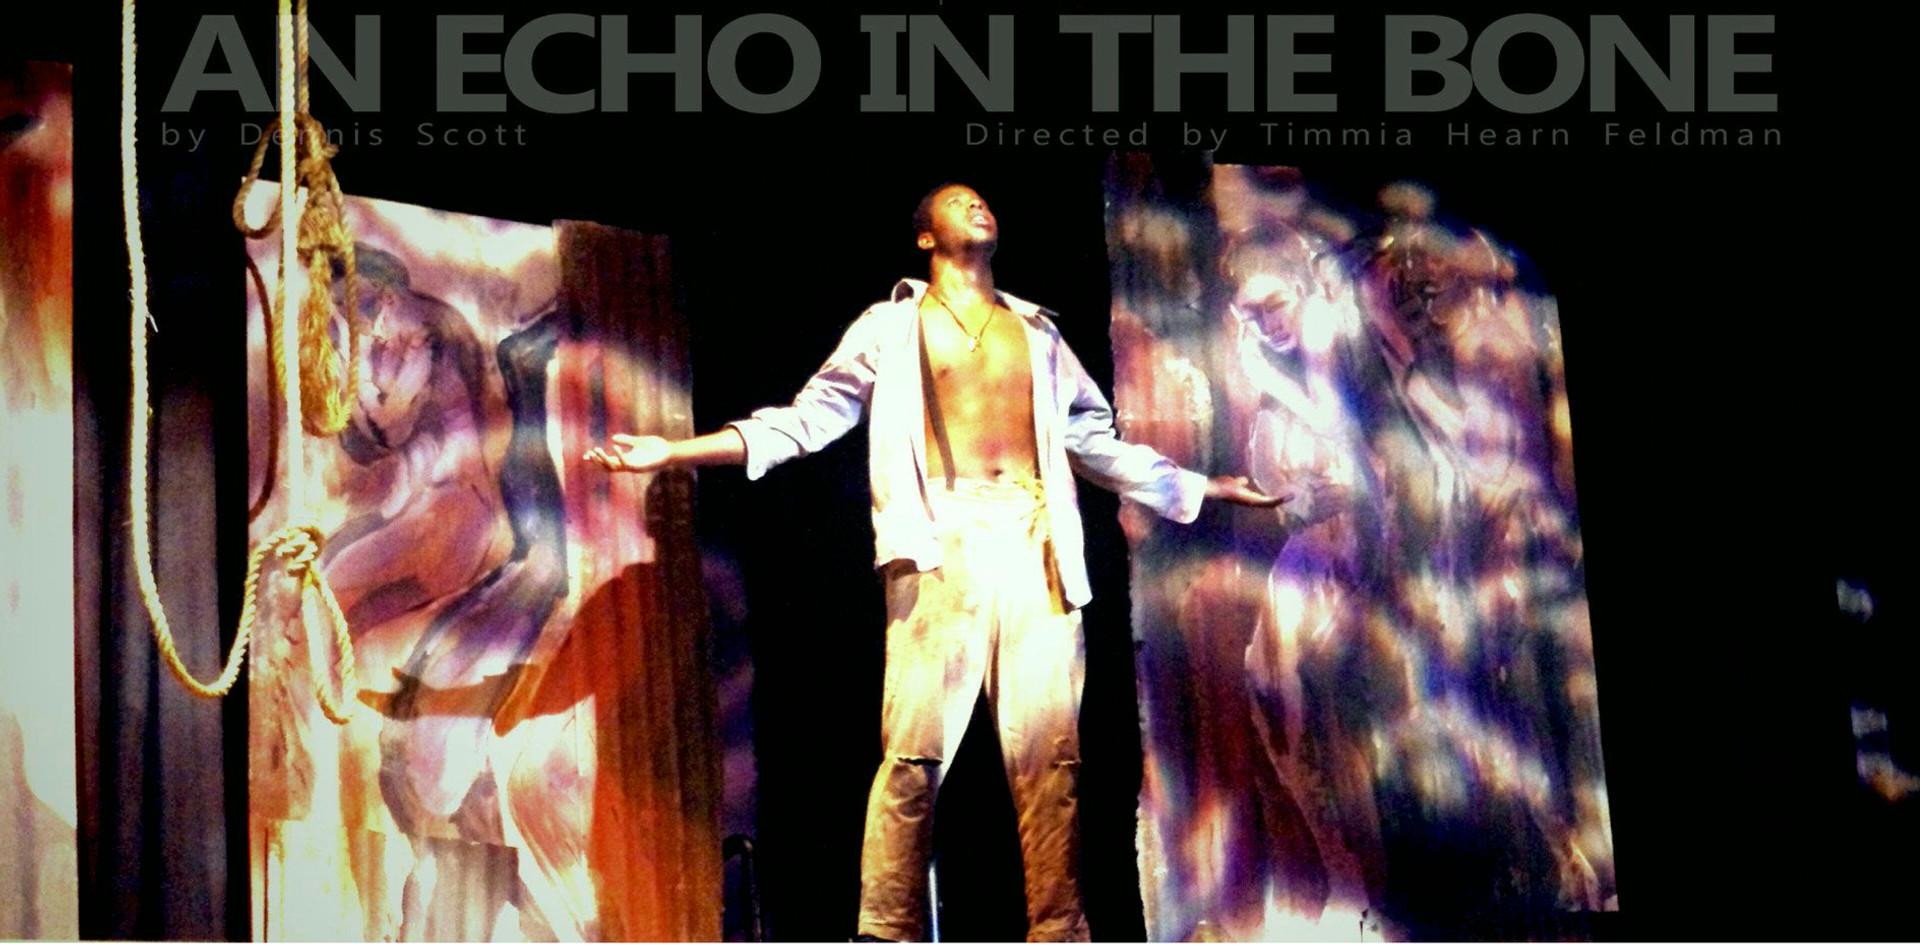 An Echo in the Bone by Dennis Scott (2012)